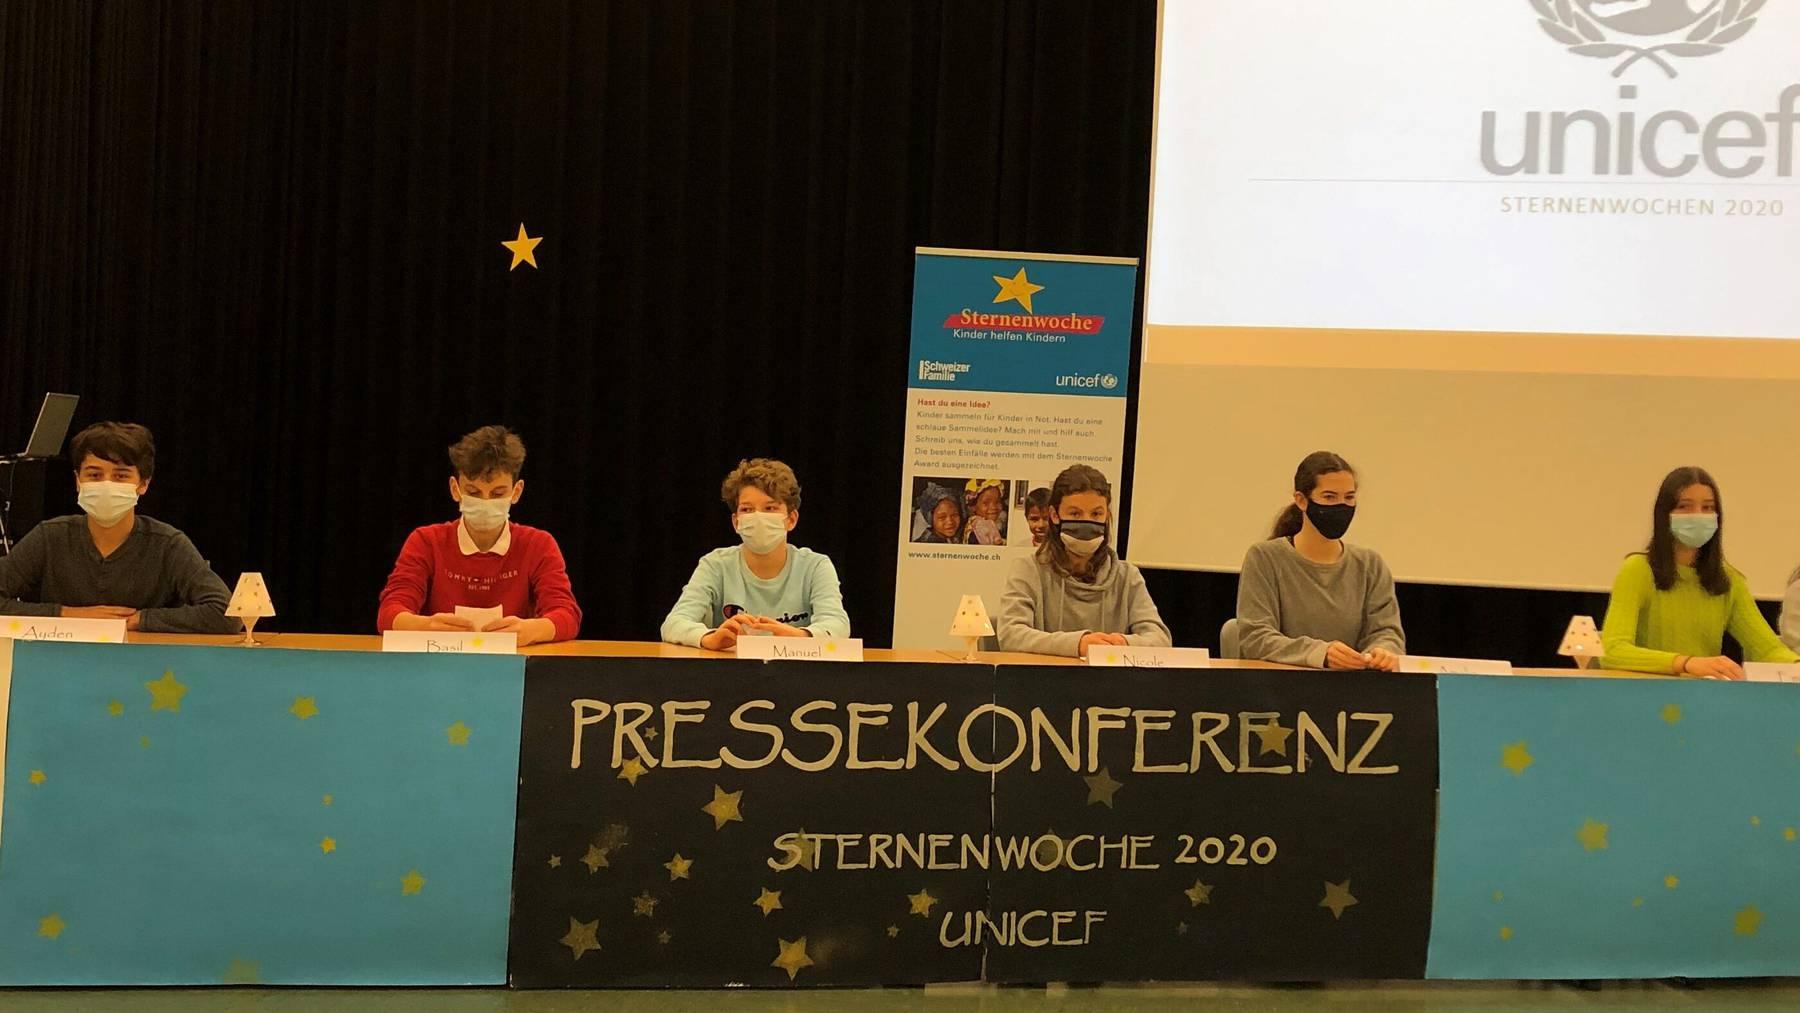 Pressekonferenz zur Sternenwoche 2020 in Langenthal